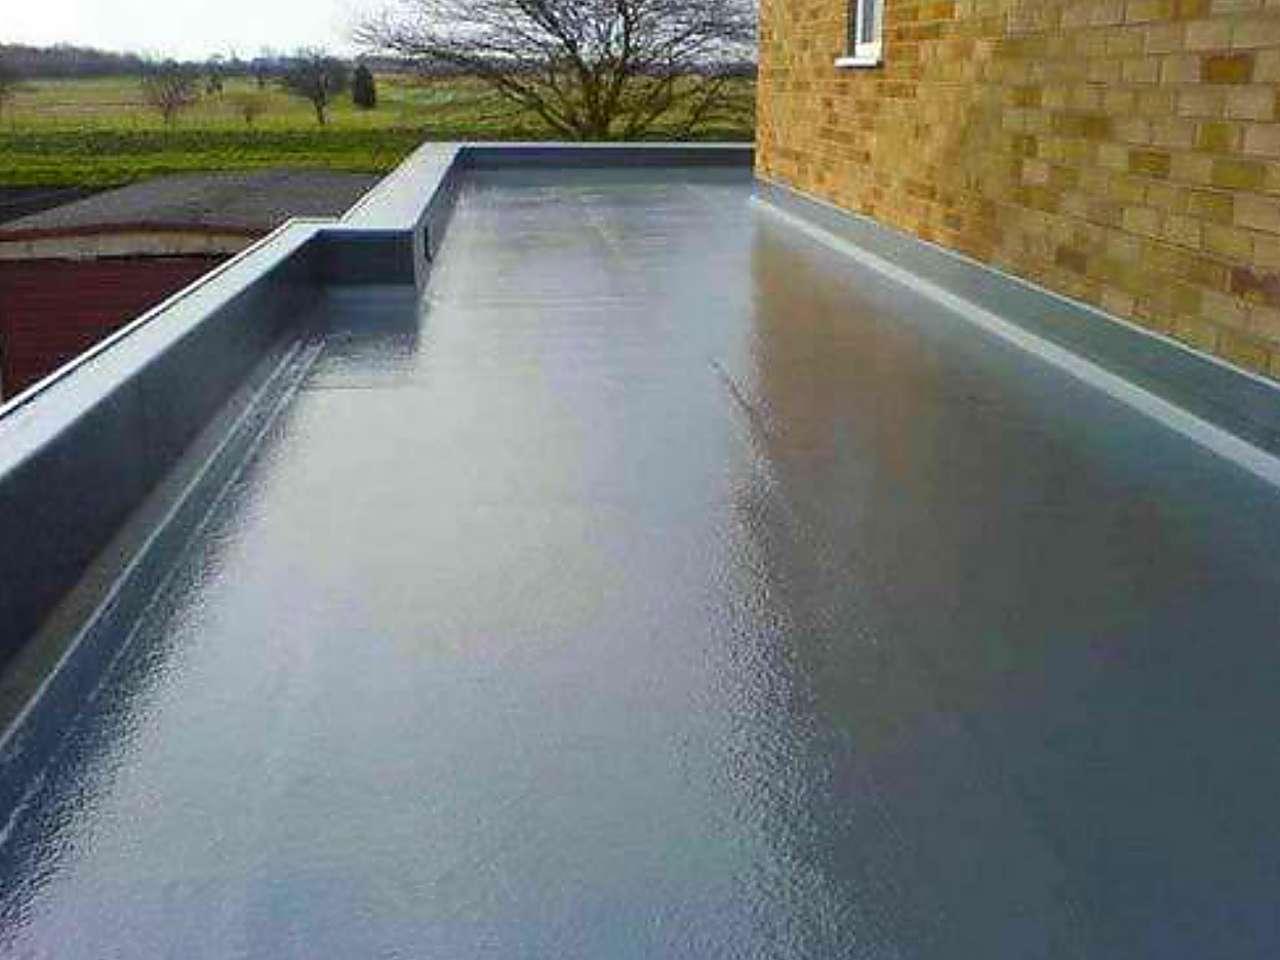 jenis-waterproofing-coating.jpg